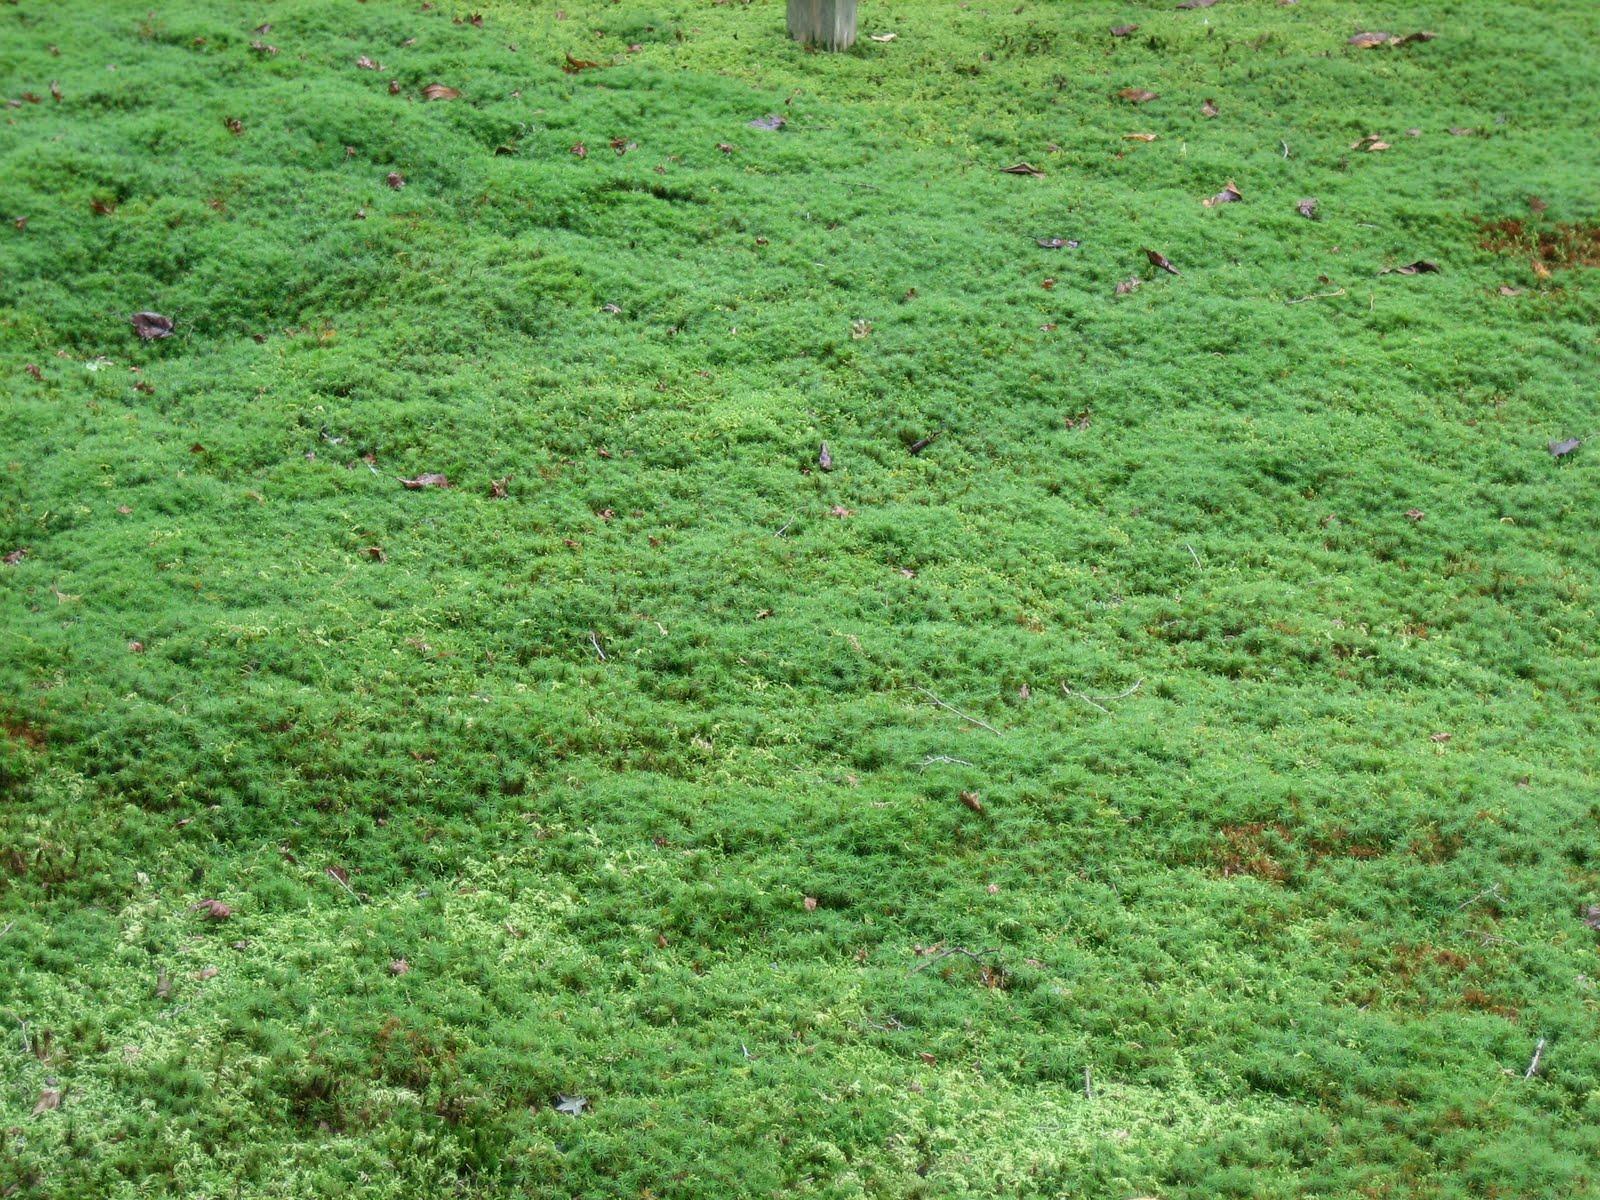 wallpaper good for eyes,green,lawn,grass,vegetation,groundcover